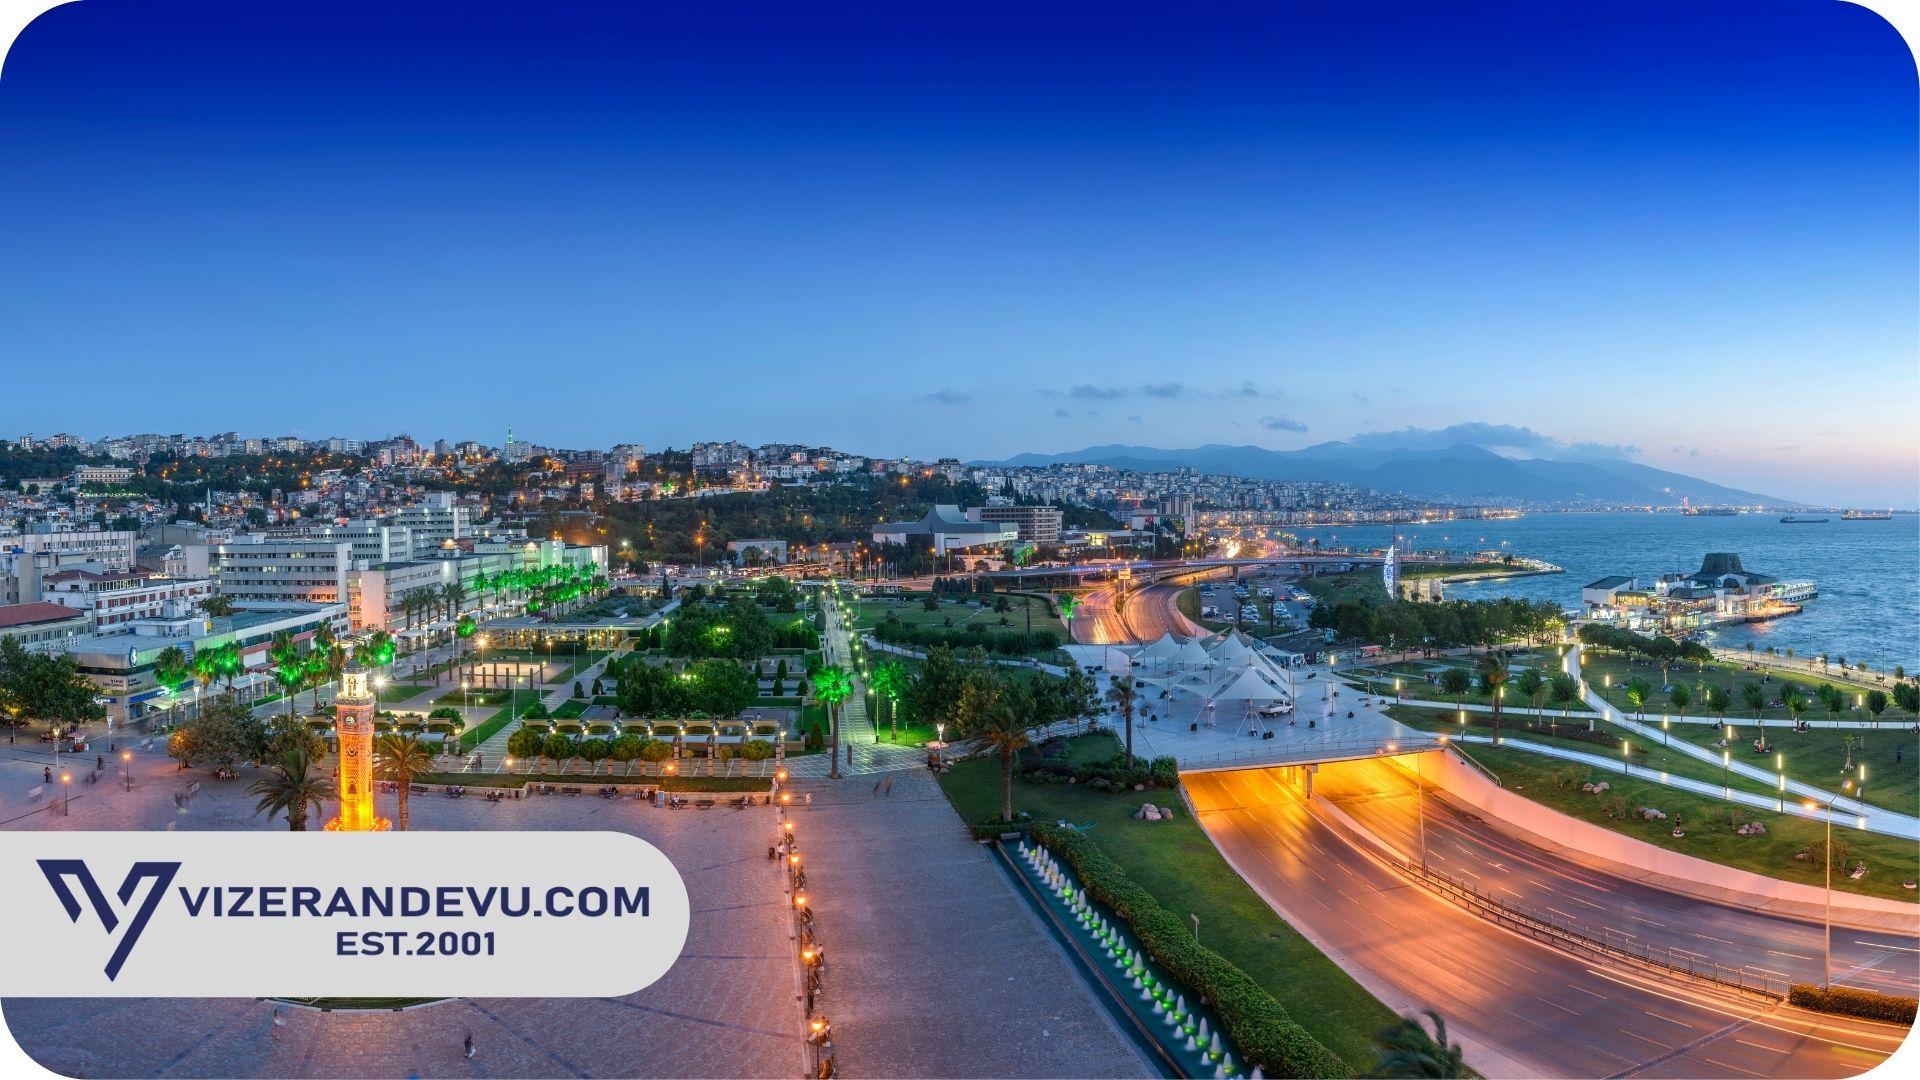 İzmir Vize Merkezi